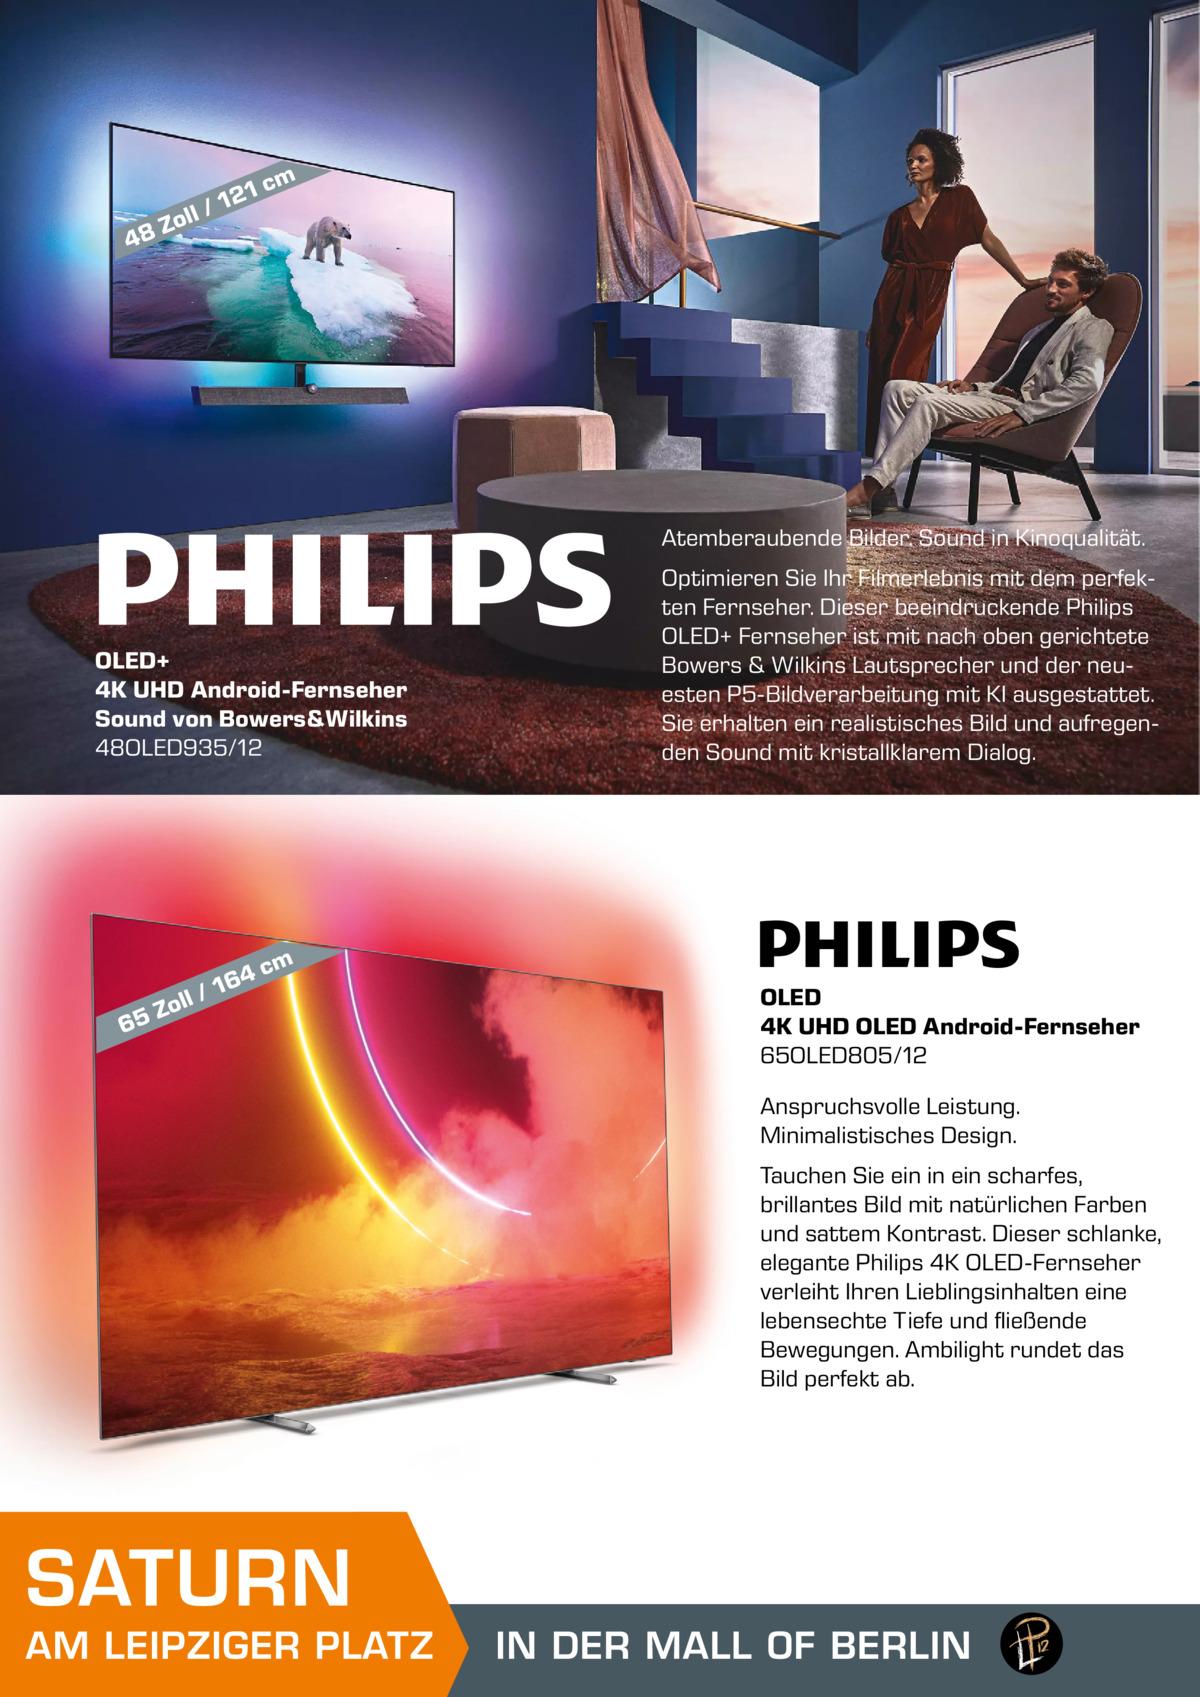 1 cm  48  12 ll /  Zo  Atemberaubende Bilder. Sound in Kinoqualität.  OLED+ 4K UHD Android-Fernseher Sound von Bowers&Wilkins 48OLED935/12  64 l/1  Optimieren Sie Ihr Filmerlebnis mit dem perfekten Fernseher. Dieser beeindruckende Philips OLED+ Fernseher ist mit nach oben gerichtete Bowers & Wilkins Lautsprecher und der neuesten P5-Bildverarbeitung mit KI ausgestattet. Sie erhalten ein realistisches Bild und aufregenden Sound mit kristallklarem Dialog.  cm  Zol 65  OLED 4K UHD OLED Android-Fernseher 65OLED805/12 Anspruchsvolle Leistung. Minimalistisches Design. Tauchen Sie ein in ein scharfes, brillantes Bild mit natürlichen Farben und sattem Kontrast. Dieser schlanke, elegante Philips 4K OLED-Fernseher verleiht Ihren Lieblingsinhalten eine lebensechte Tiefe und fließende Bewegungen. Ambilight rundet das Bild perfekt ab.  SATURN  AM LEIPZIGER PLATZ  IN DER MALL OF BERLIN MALL OF BERLIN